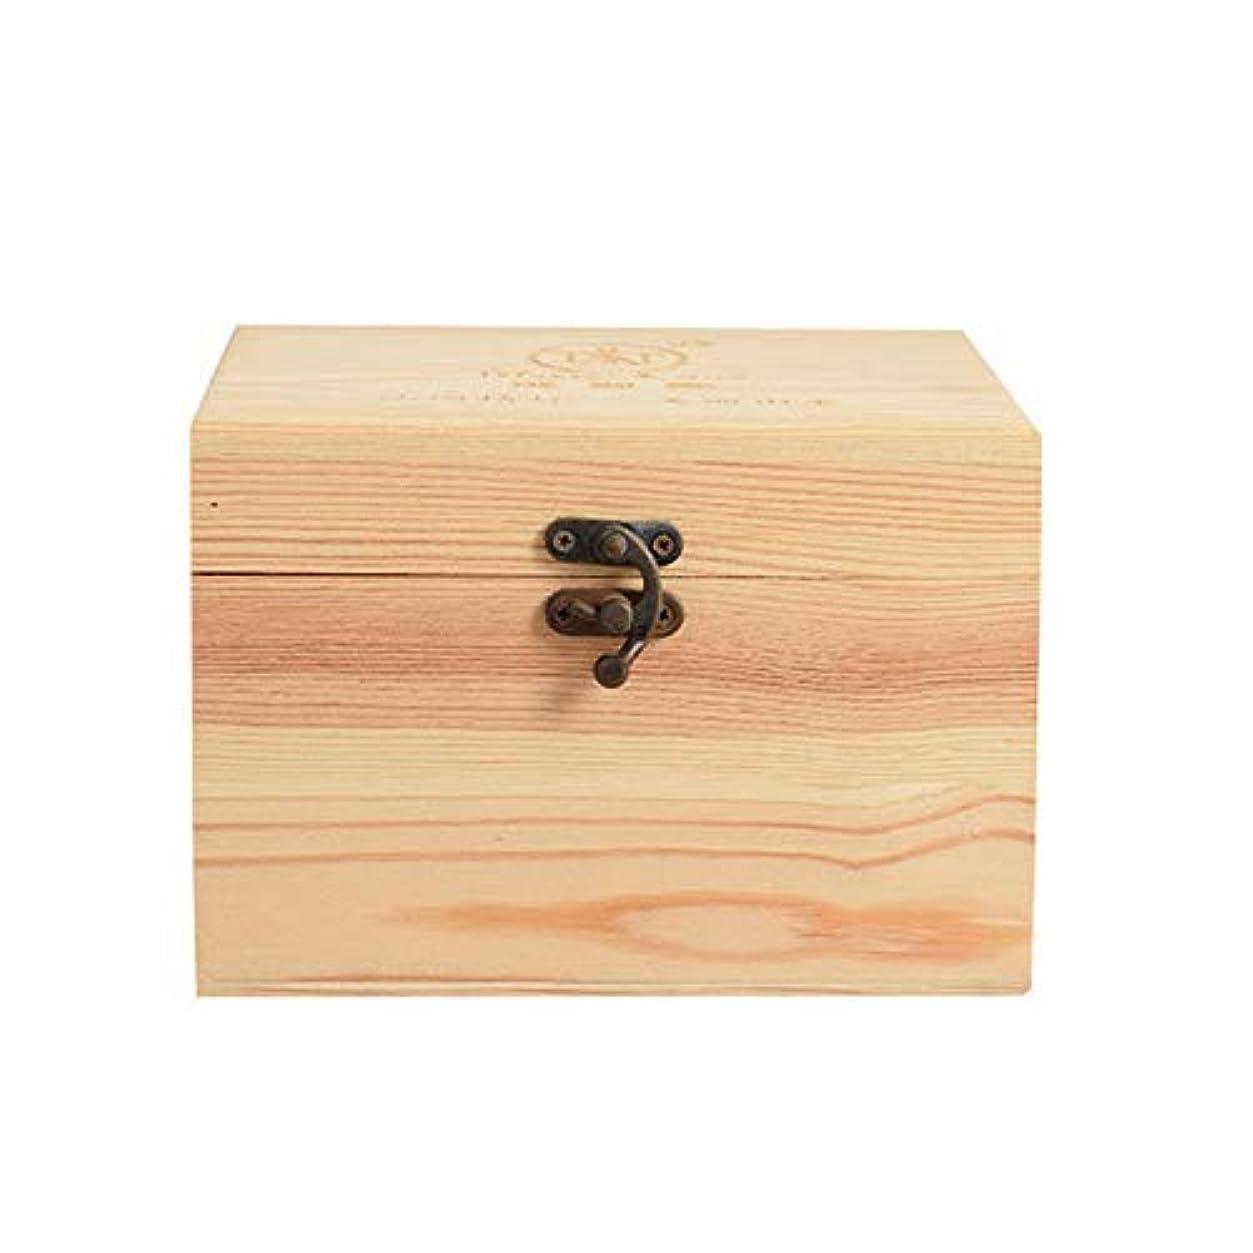 以下誘う近所の精油ケース プレゼンテーションのために9ボトル木製エッセンシャルオイルストレージボックスパーフェクトエッセンシャルオイルケースは被害太陽光からあなたの油を保護します 携帯便利 (色 : Natural, サイズ : 16.5X11.5X15CM)